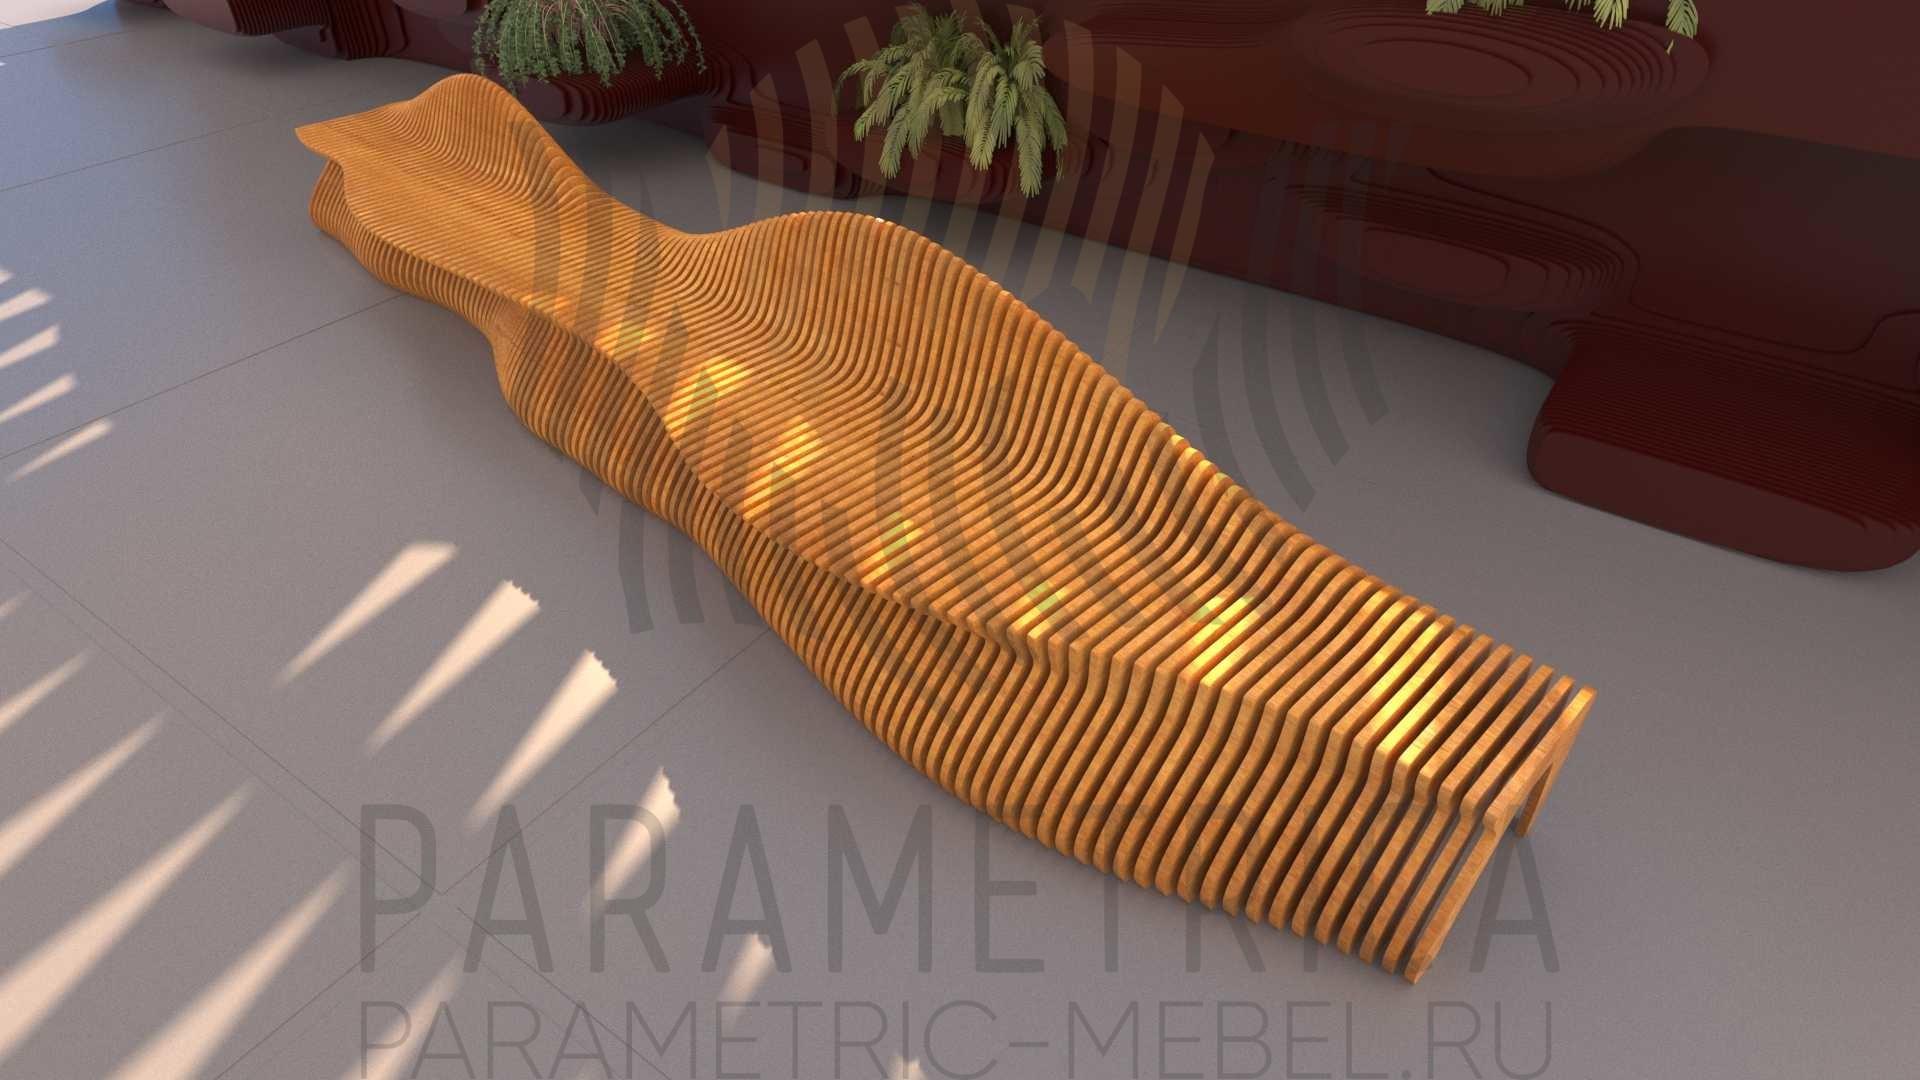 Параметрическая скамья CANYON